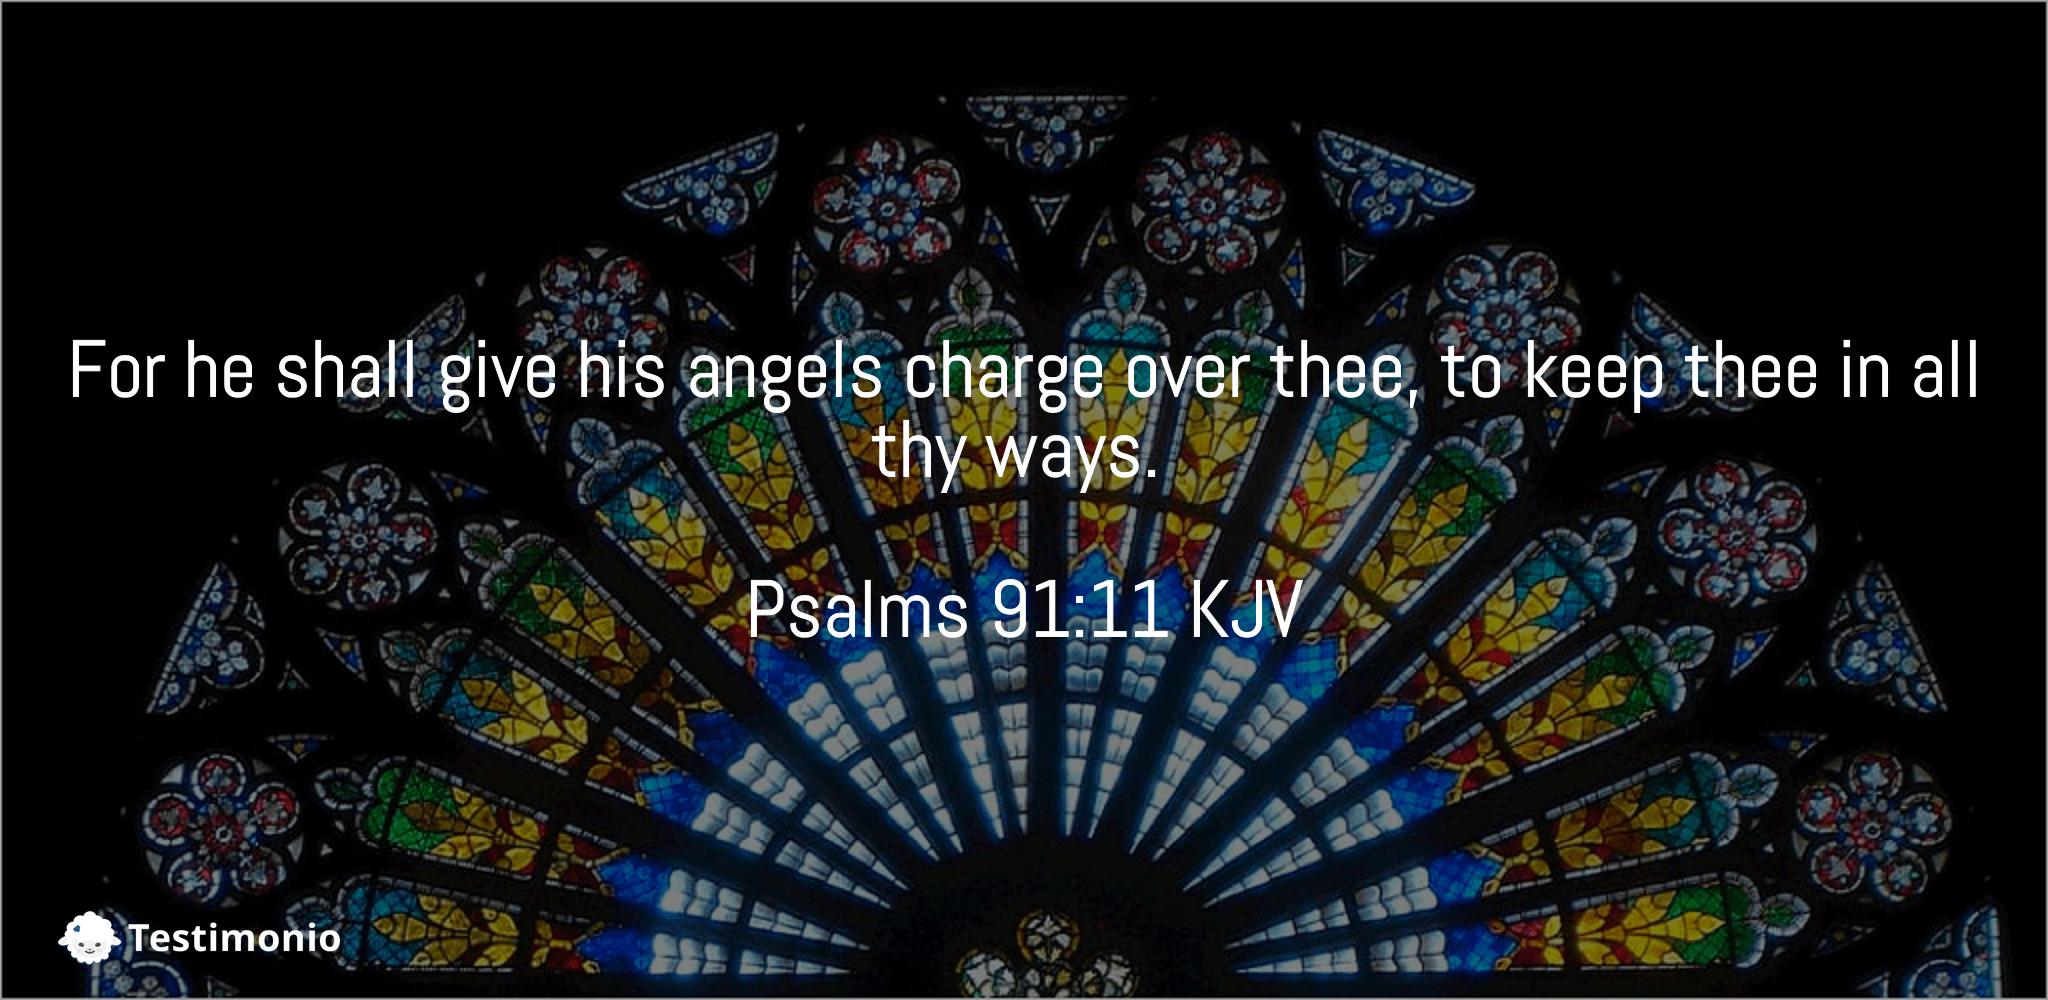 Psalms 91:11